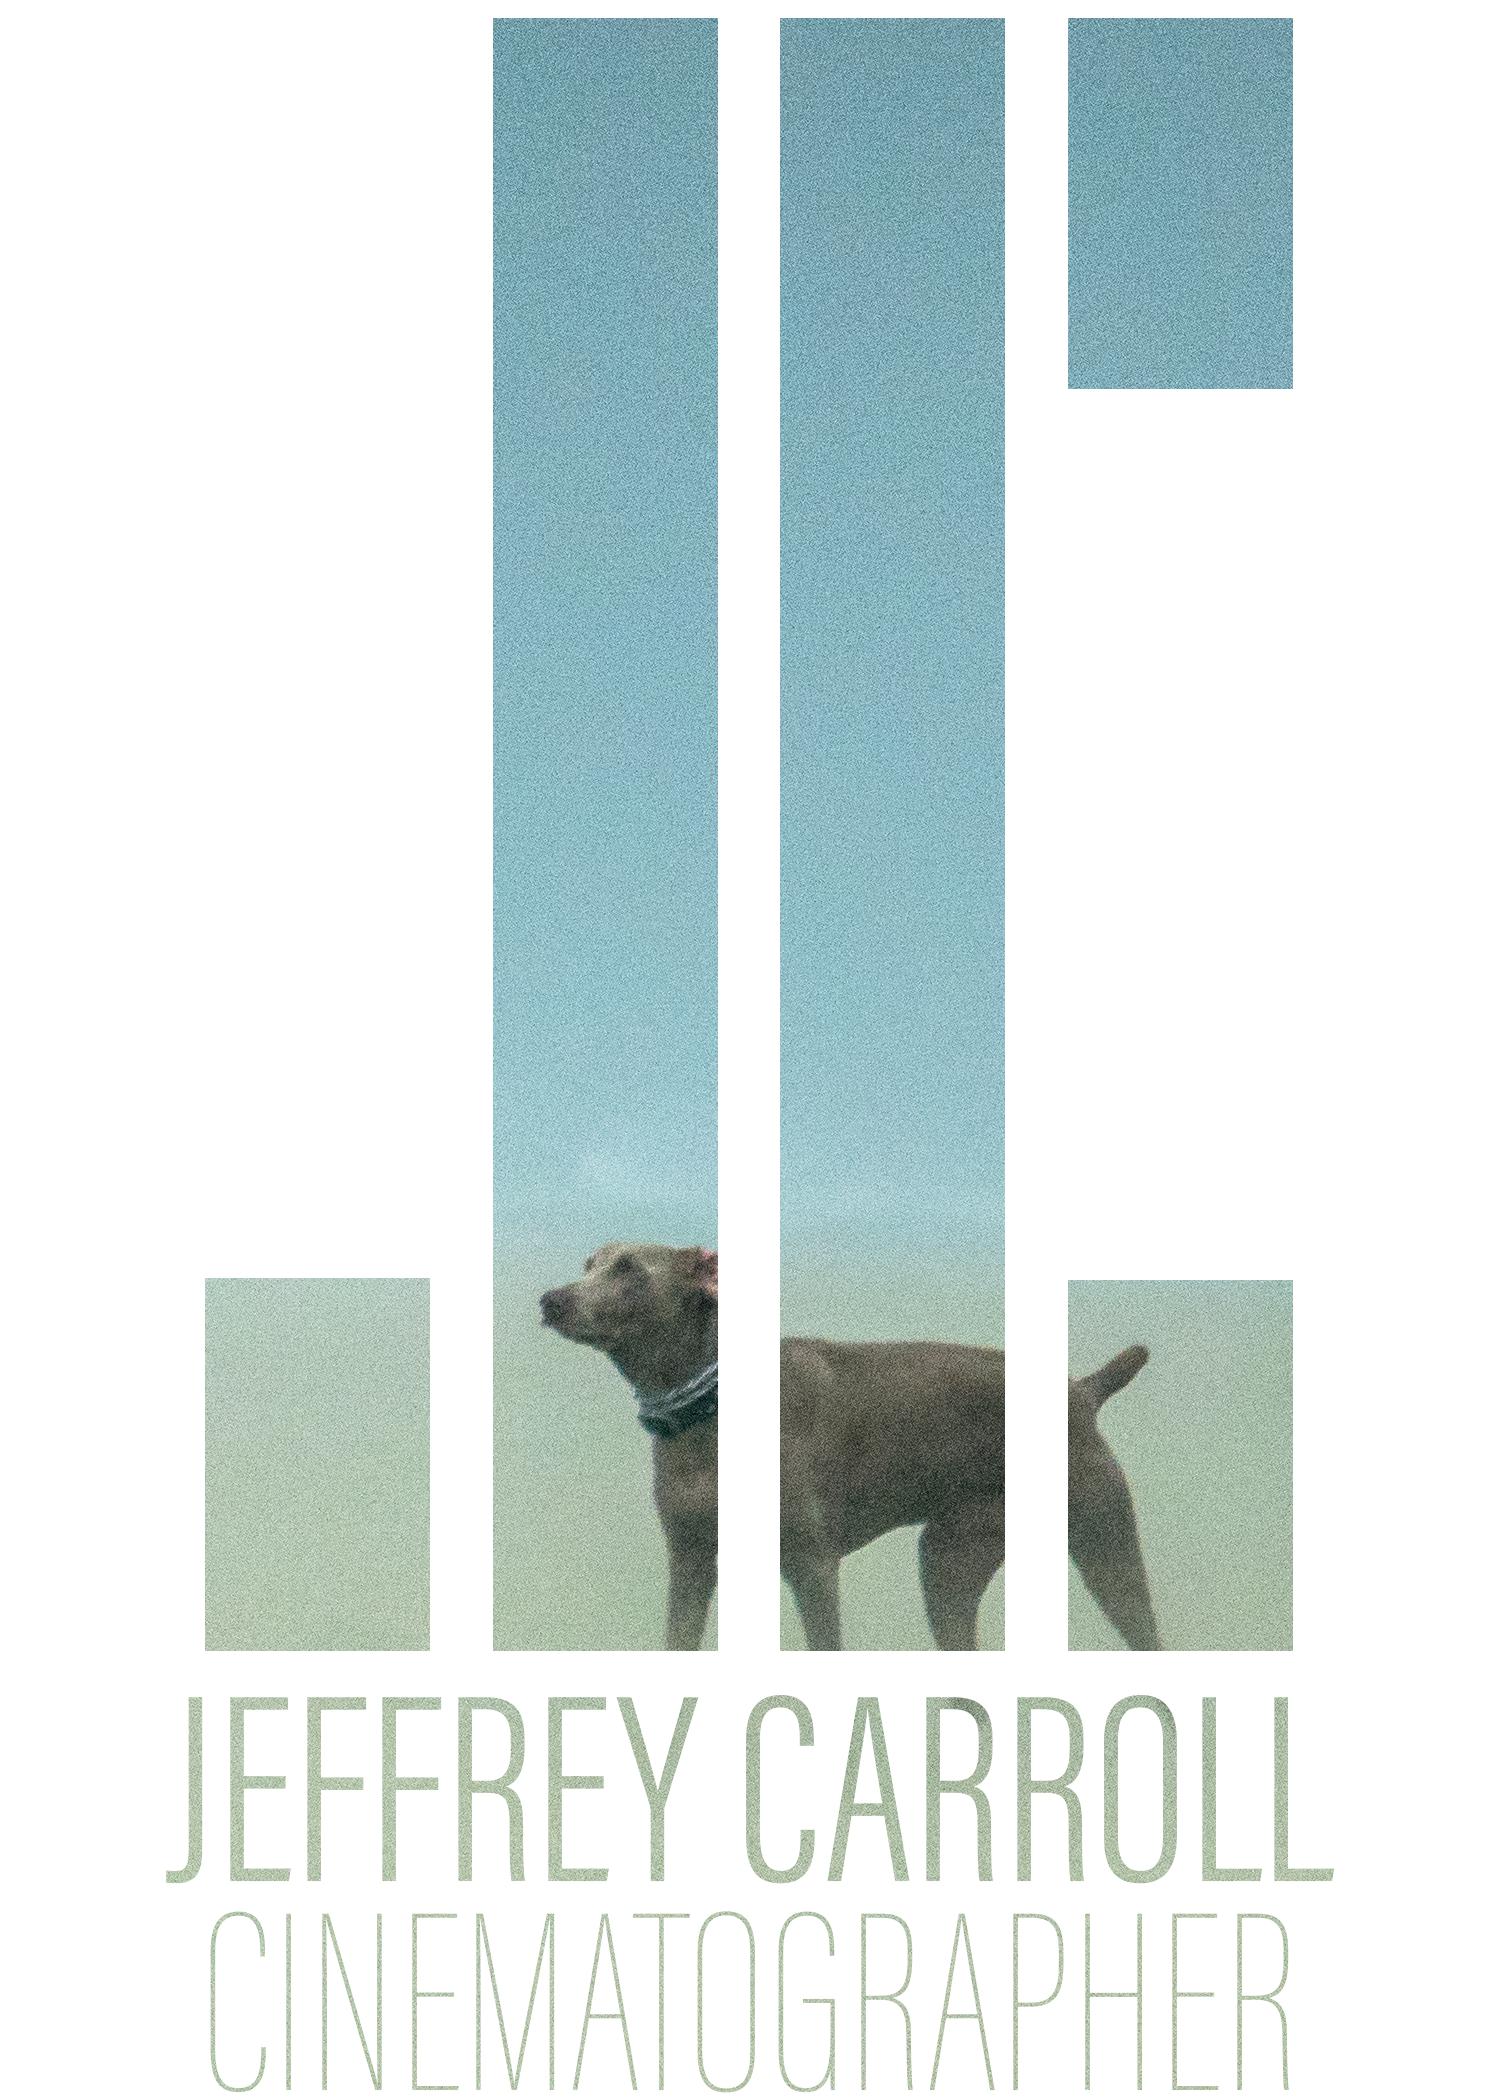 Jeffrey Carroll